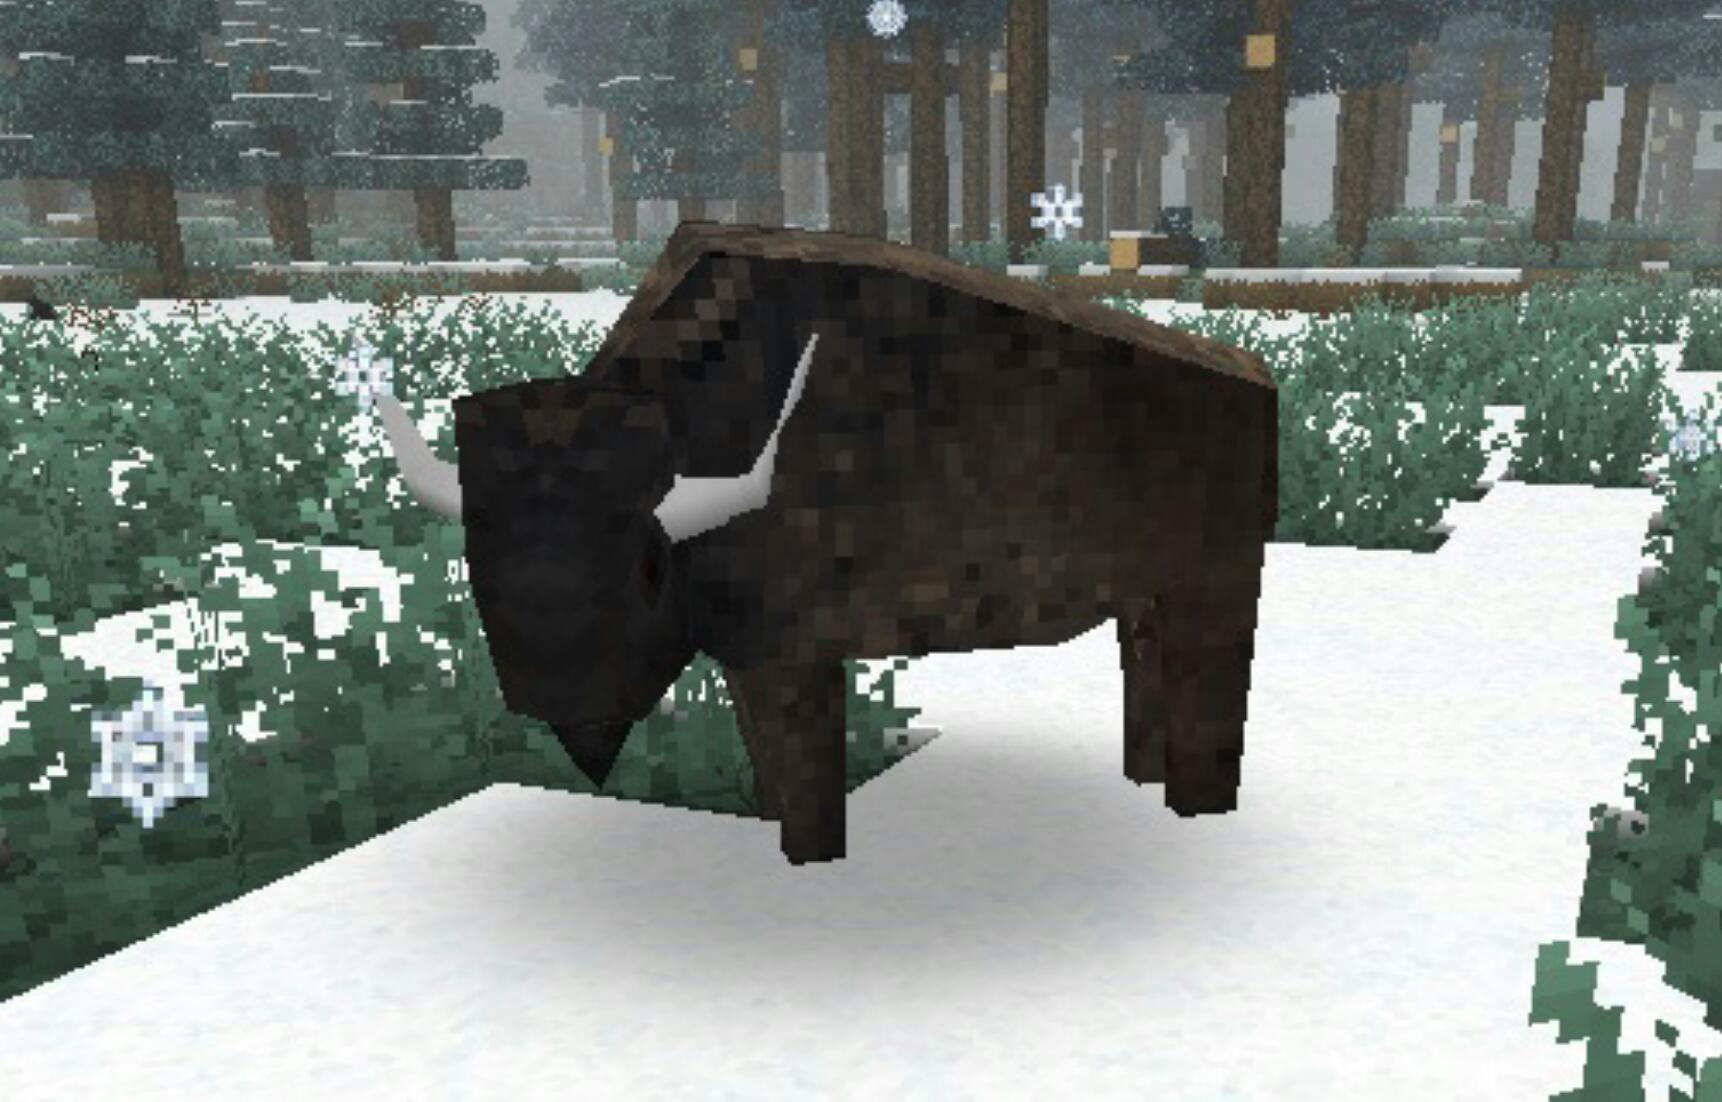 Bison Survivalcraft Wiki Fandom Powered By Wikia